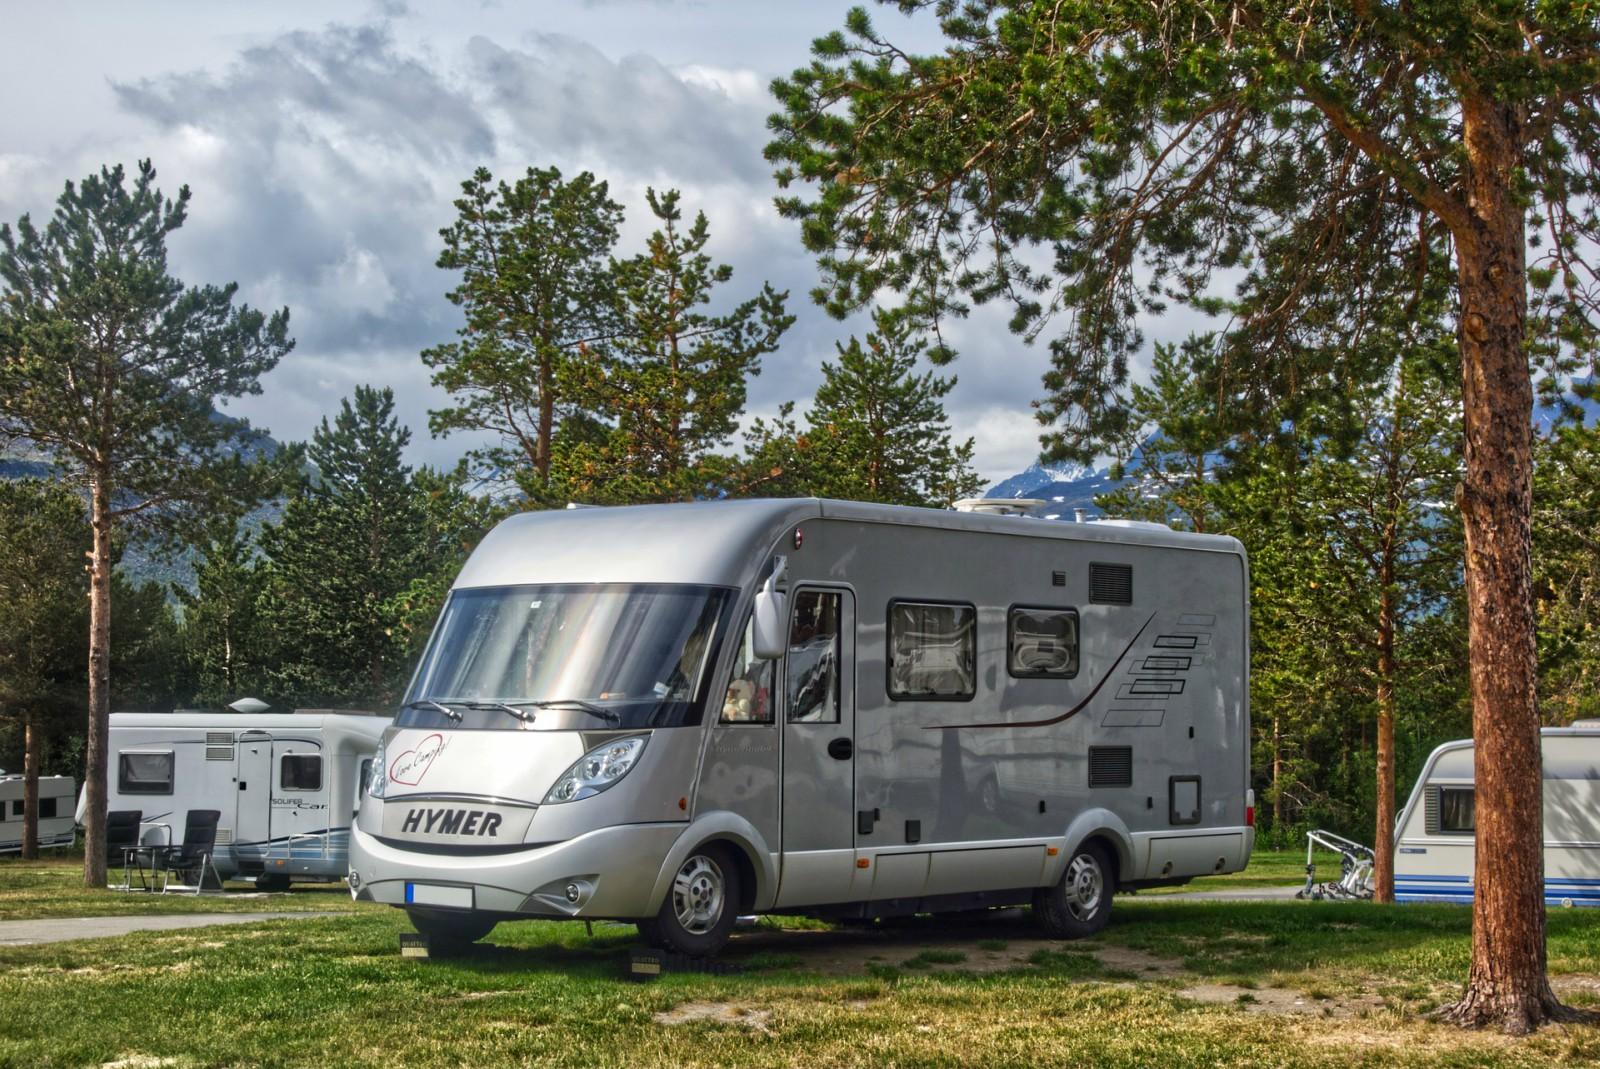 Prima di decidere di acquistare un camper è necessario conoscere ogni aspetto relativo a questo veicolo come modelli, caratteristiche e regole di guida in strada